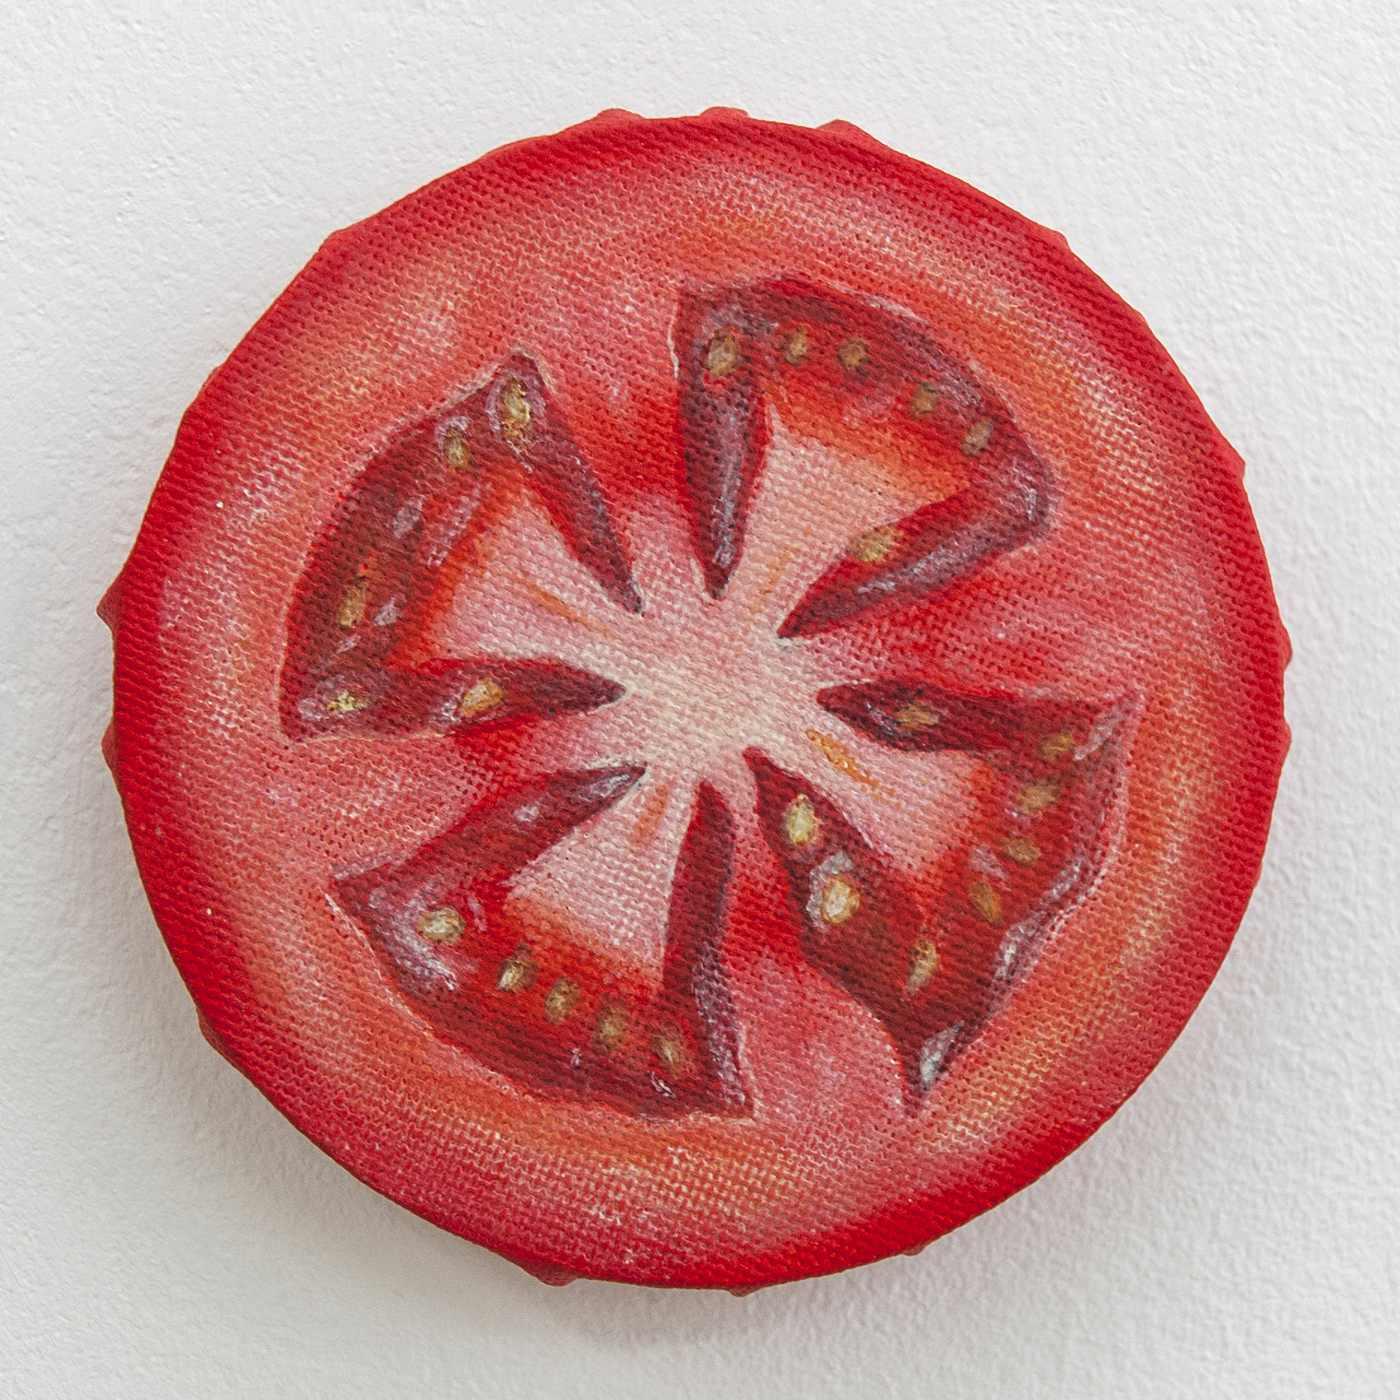 34.Tomato